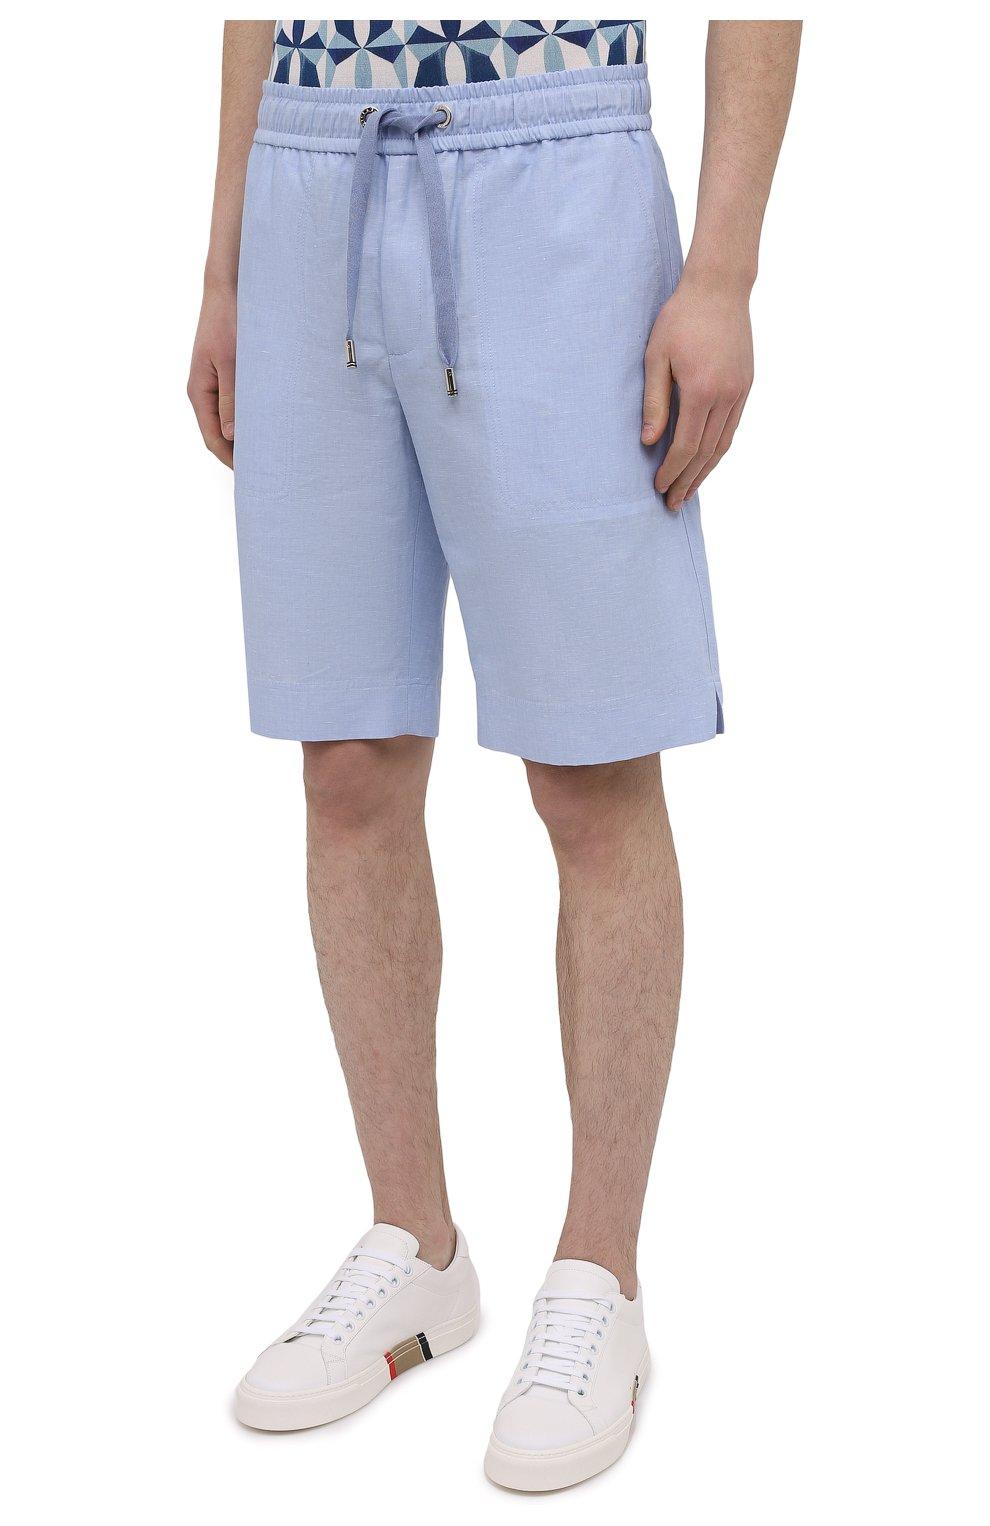 Мужские шорты изо льна и хлопка DOLCE & GABBANA голубого цвета, арт. GYUBAZ/FU4F6 | Фото 3 (Мужское Кросс-КТ: Шорты-одежда; Длина Шорты М: До колена; Принт: Без принта; Материал внешний: Хлопок, Лен; Стили: Кэжуэл)